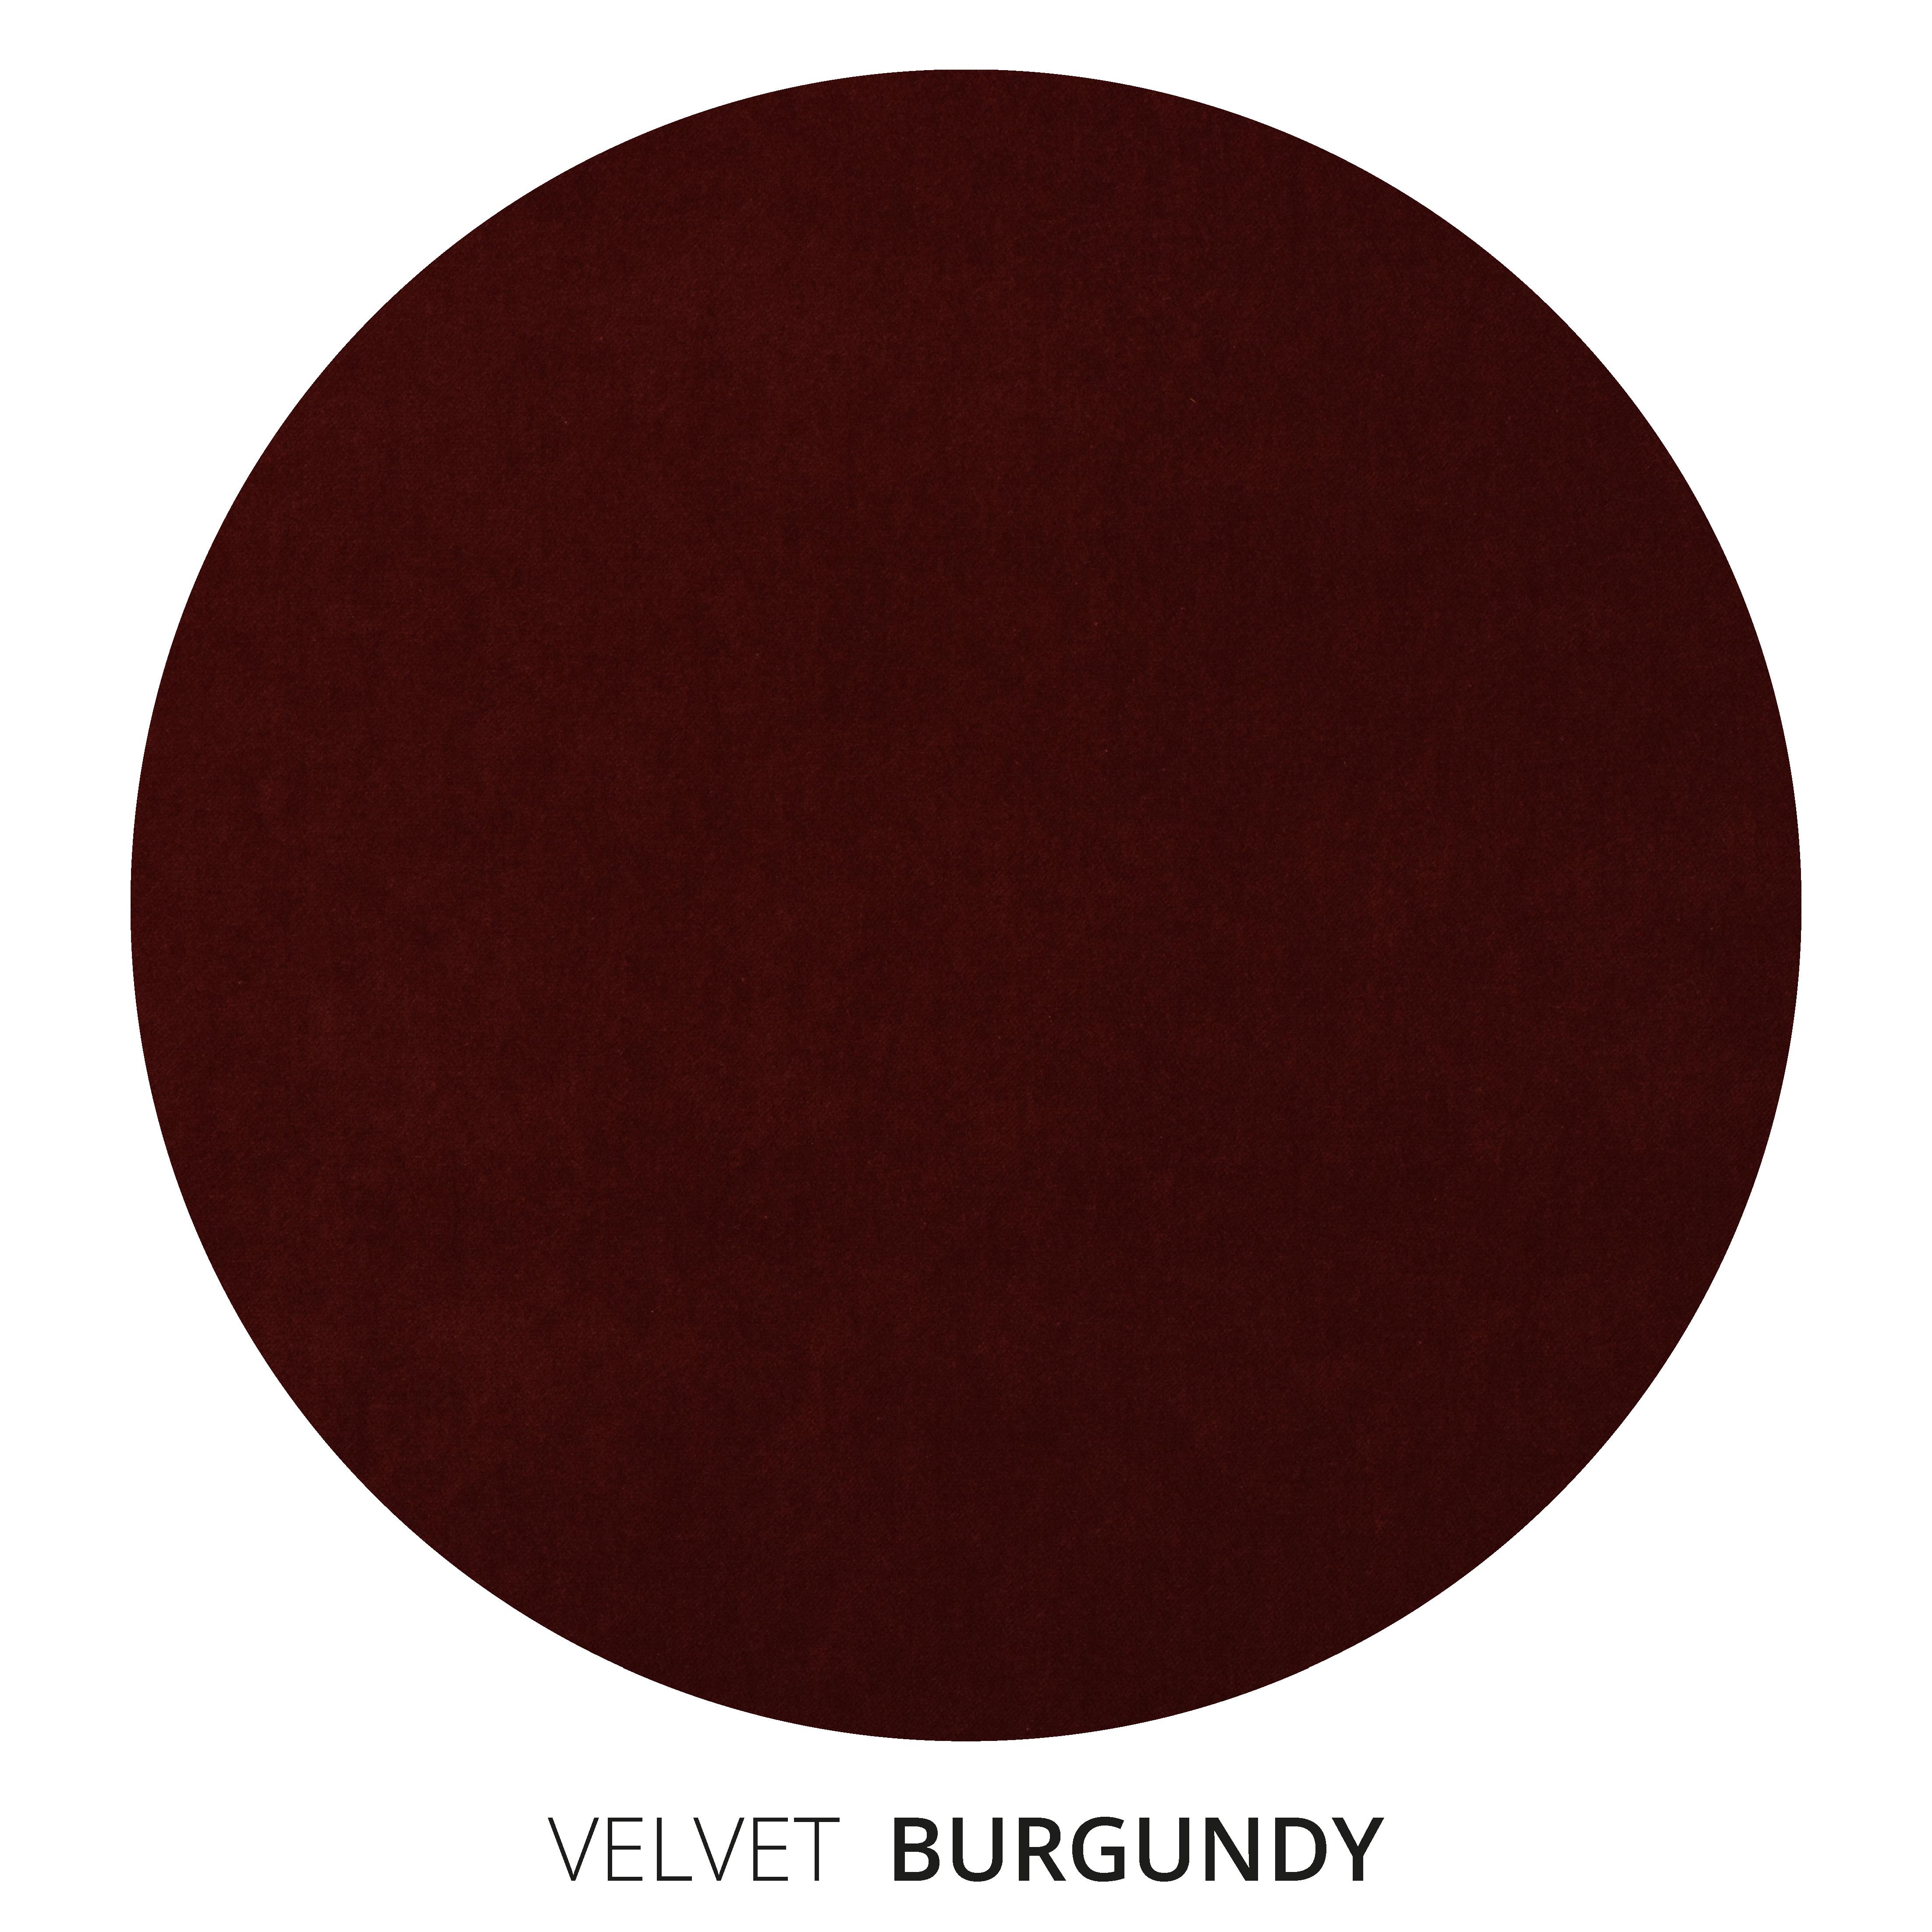 Burgundy Velvet Swatch